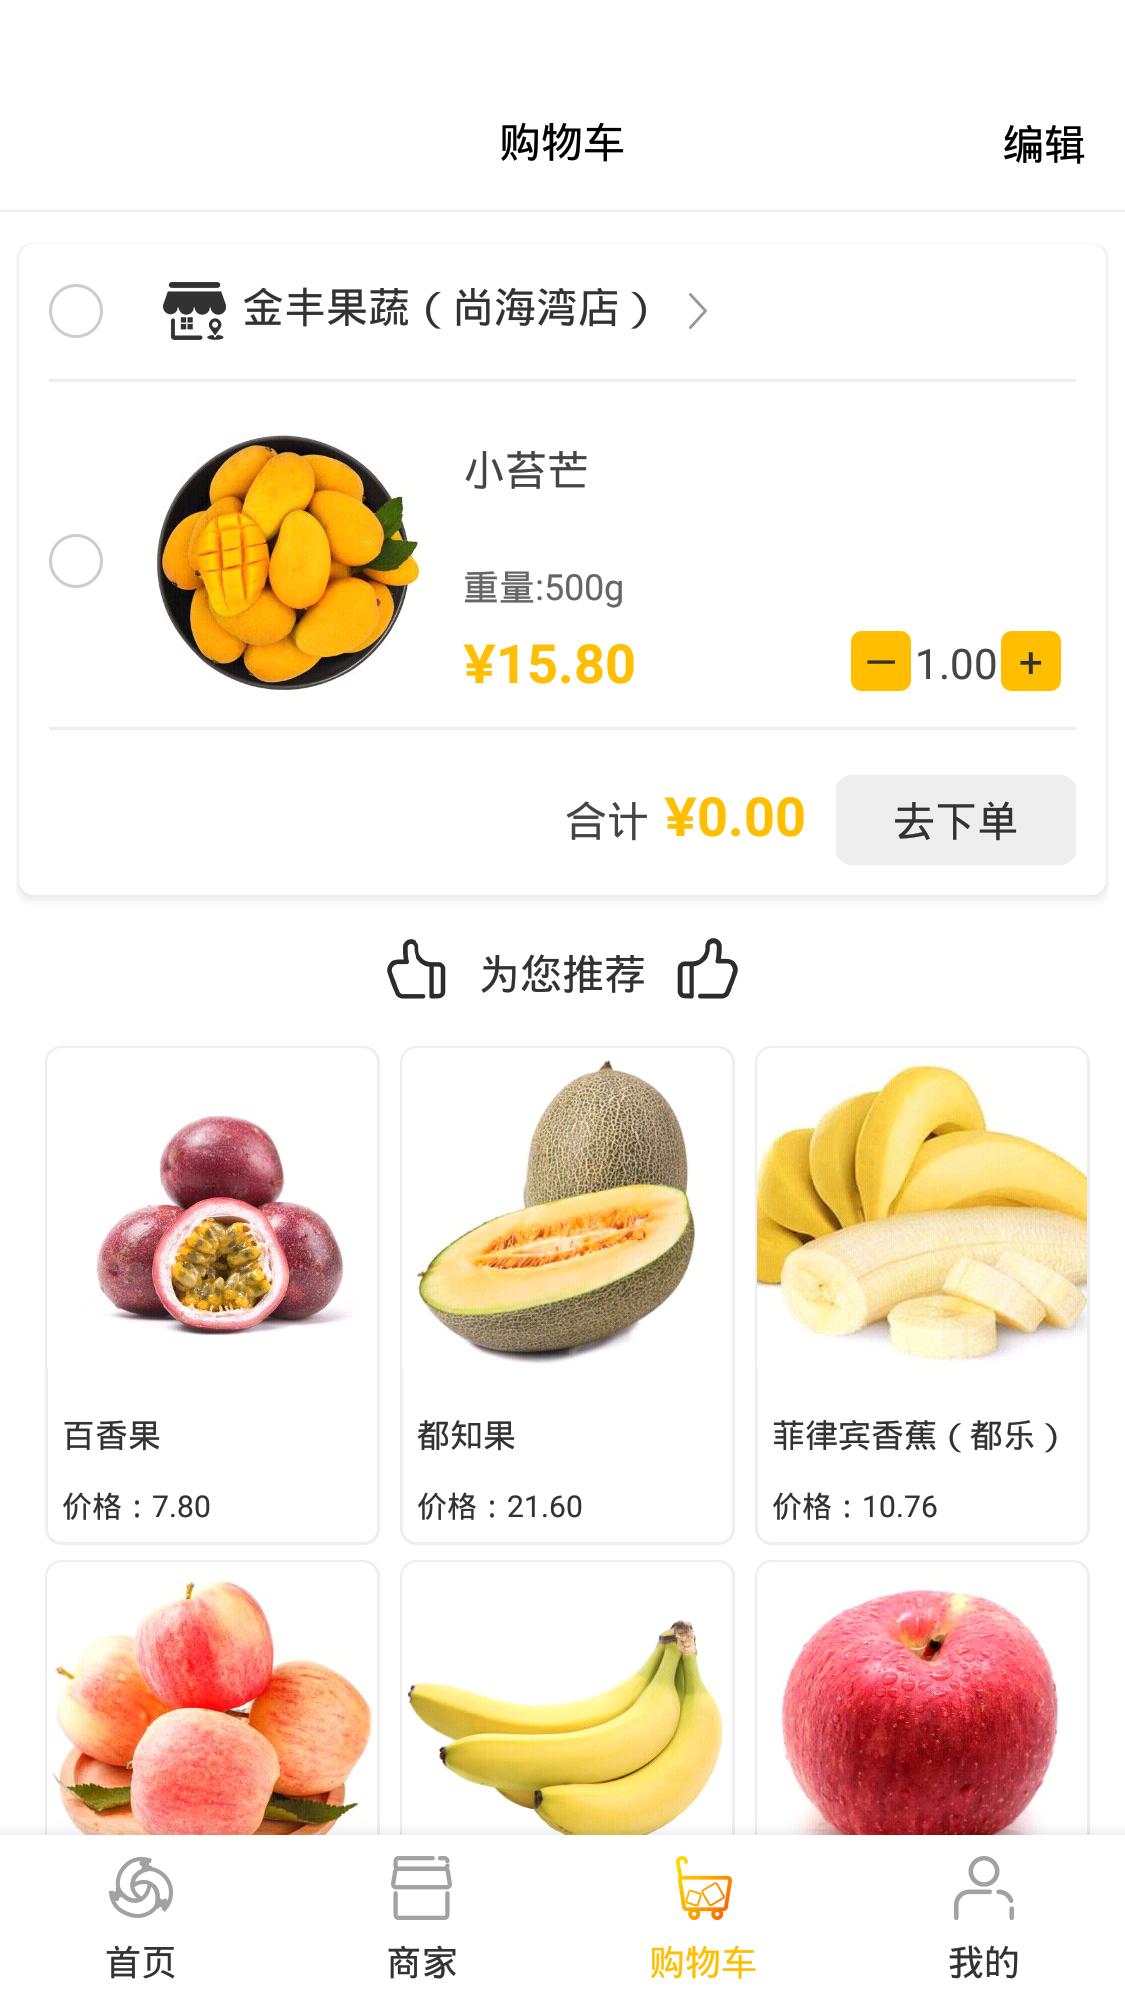 金丰购 APP截图